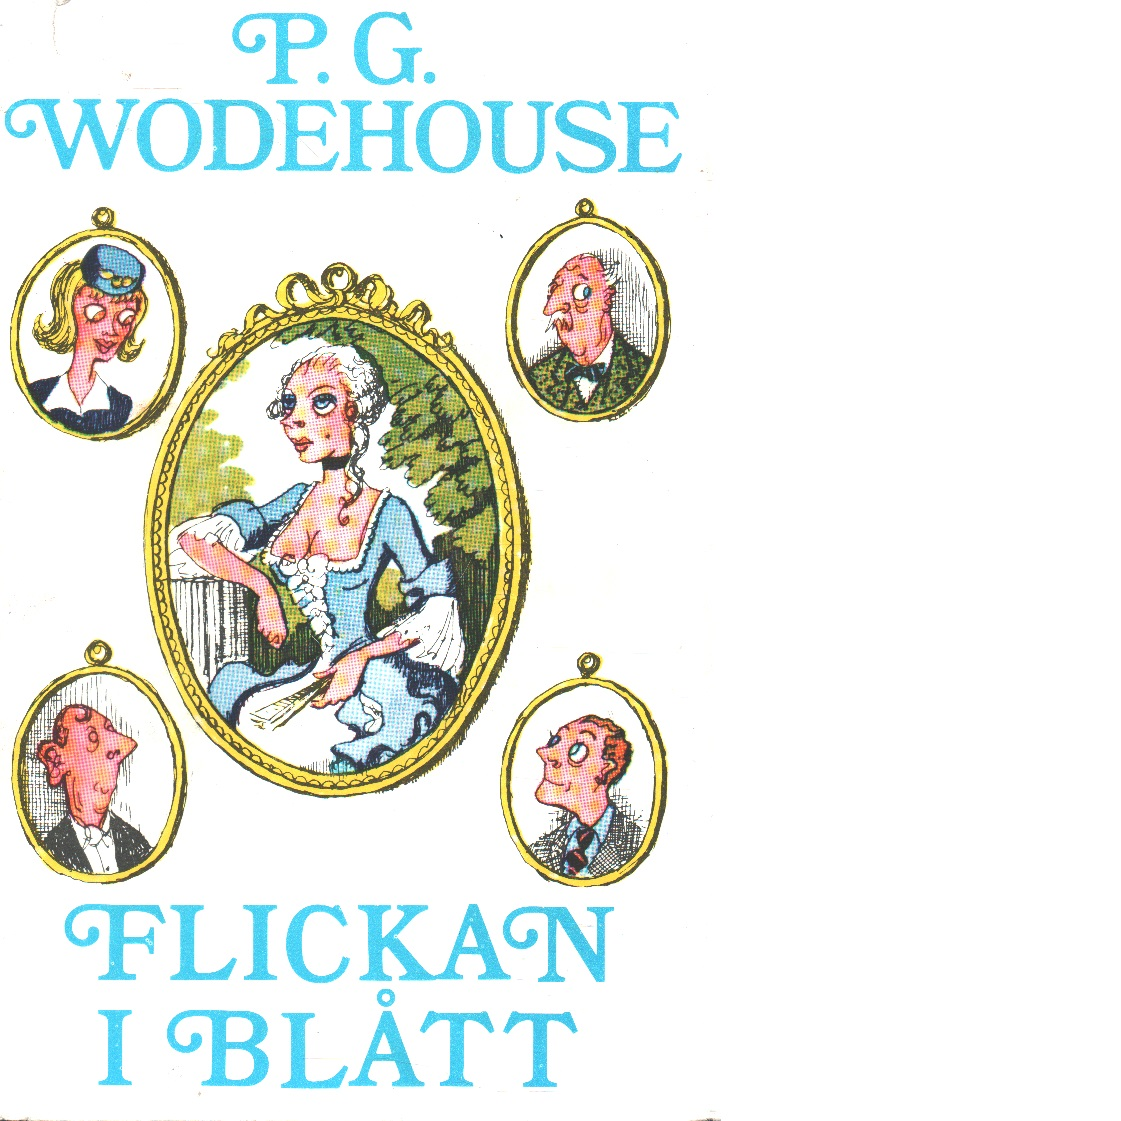 Flickan i blått - Wodehouse, P. G.